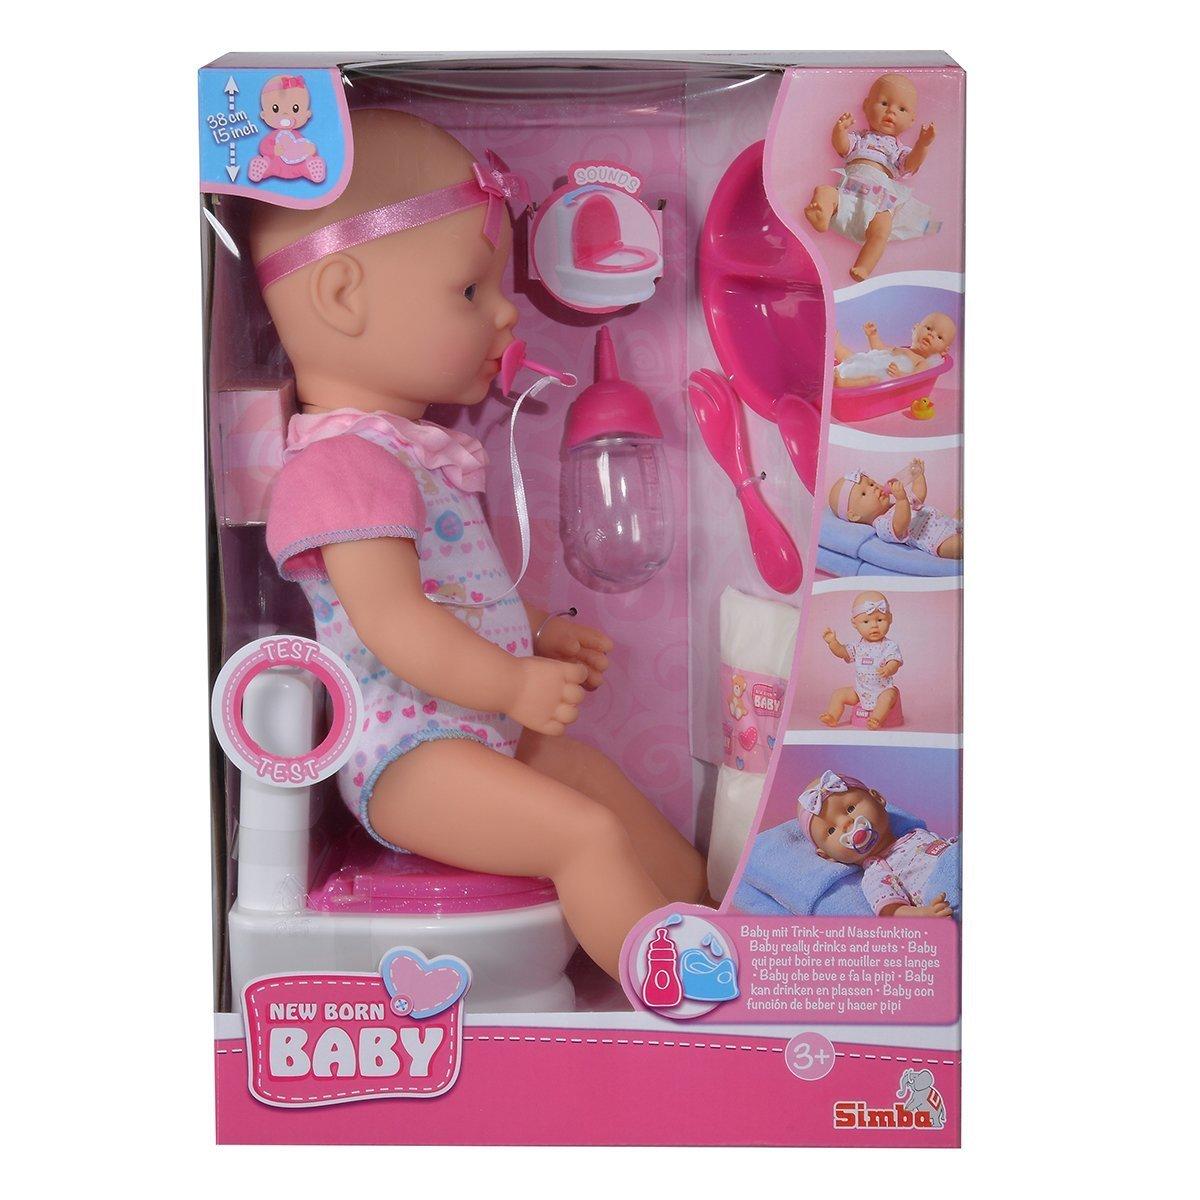 Купить Пупсы и наборы, Кукольный набор Simba New Born Baby Уборная, 38 см 5032483 ТМ: New Born Baby